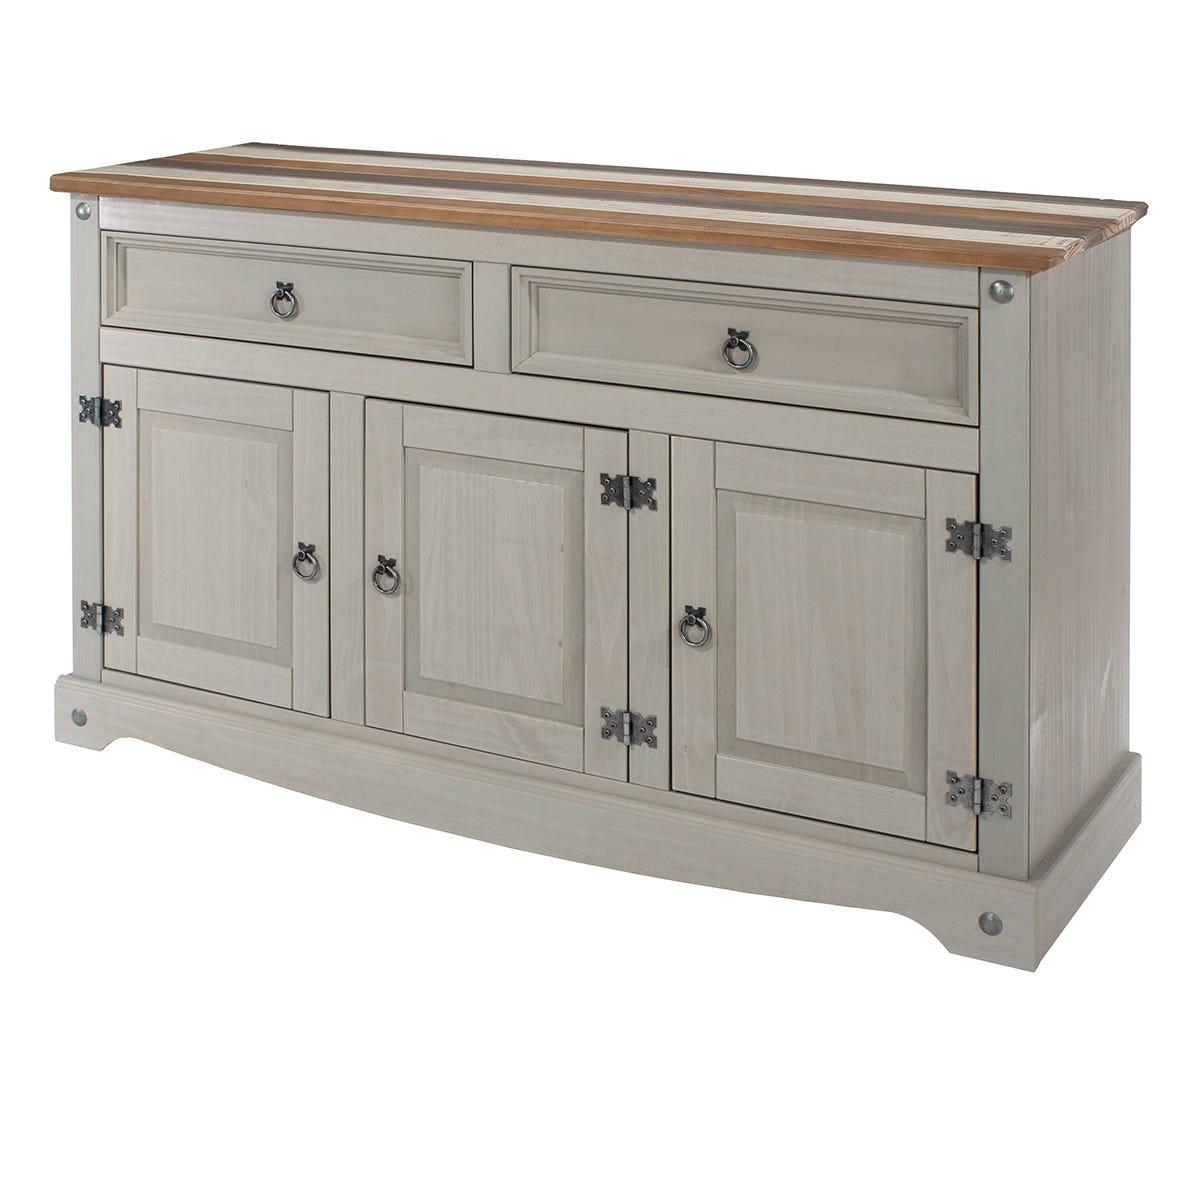 Halea Medium Vintage Sideboard - Grey